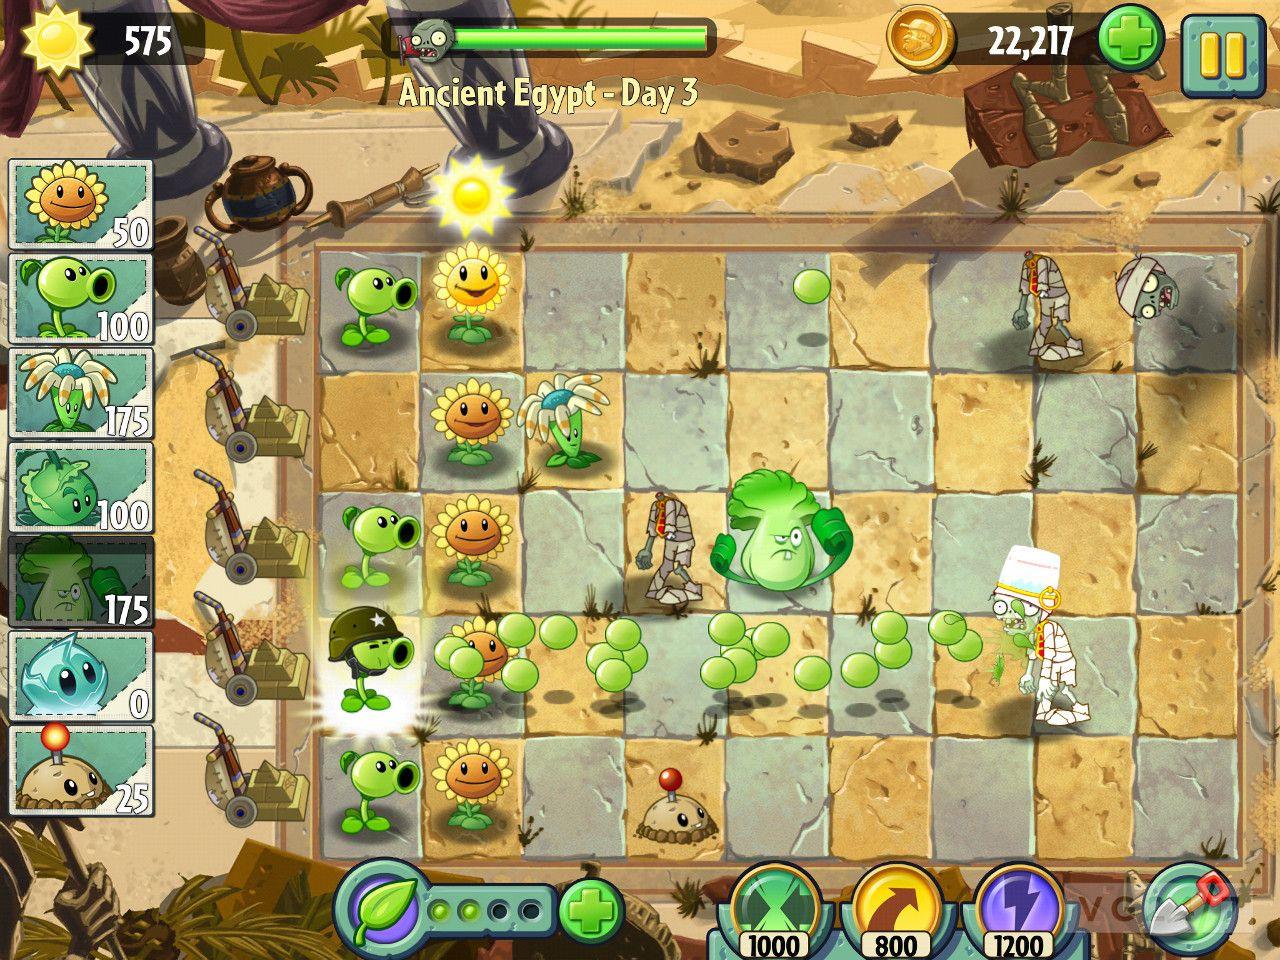 карта зомби игра онлайн играть